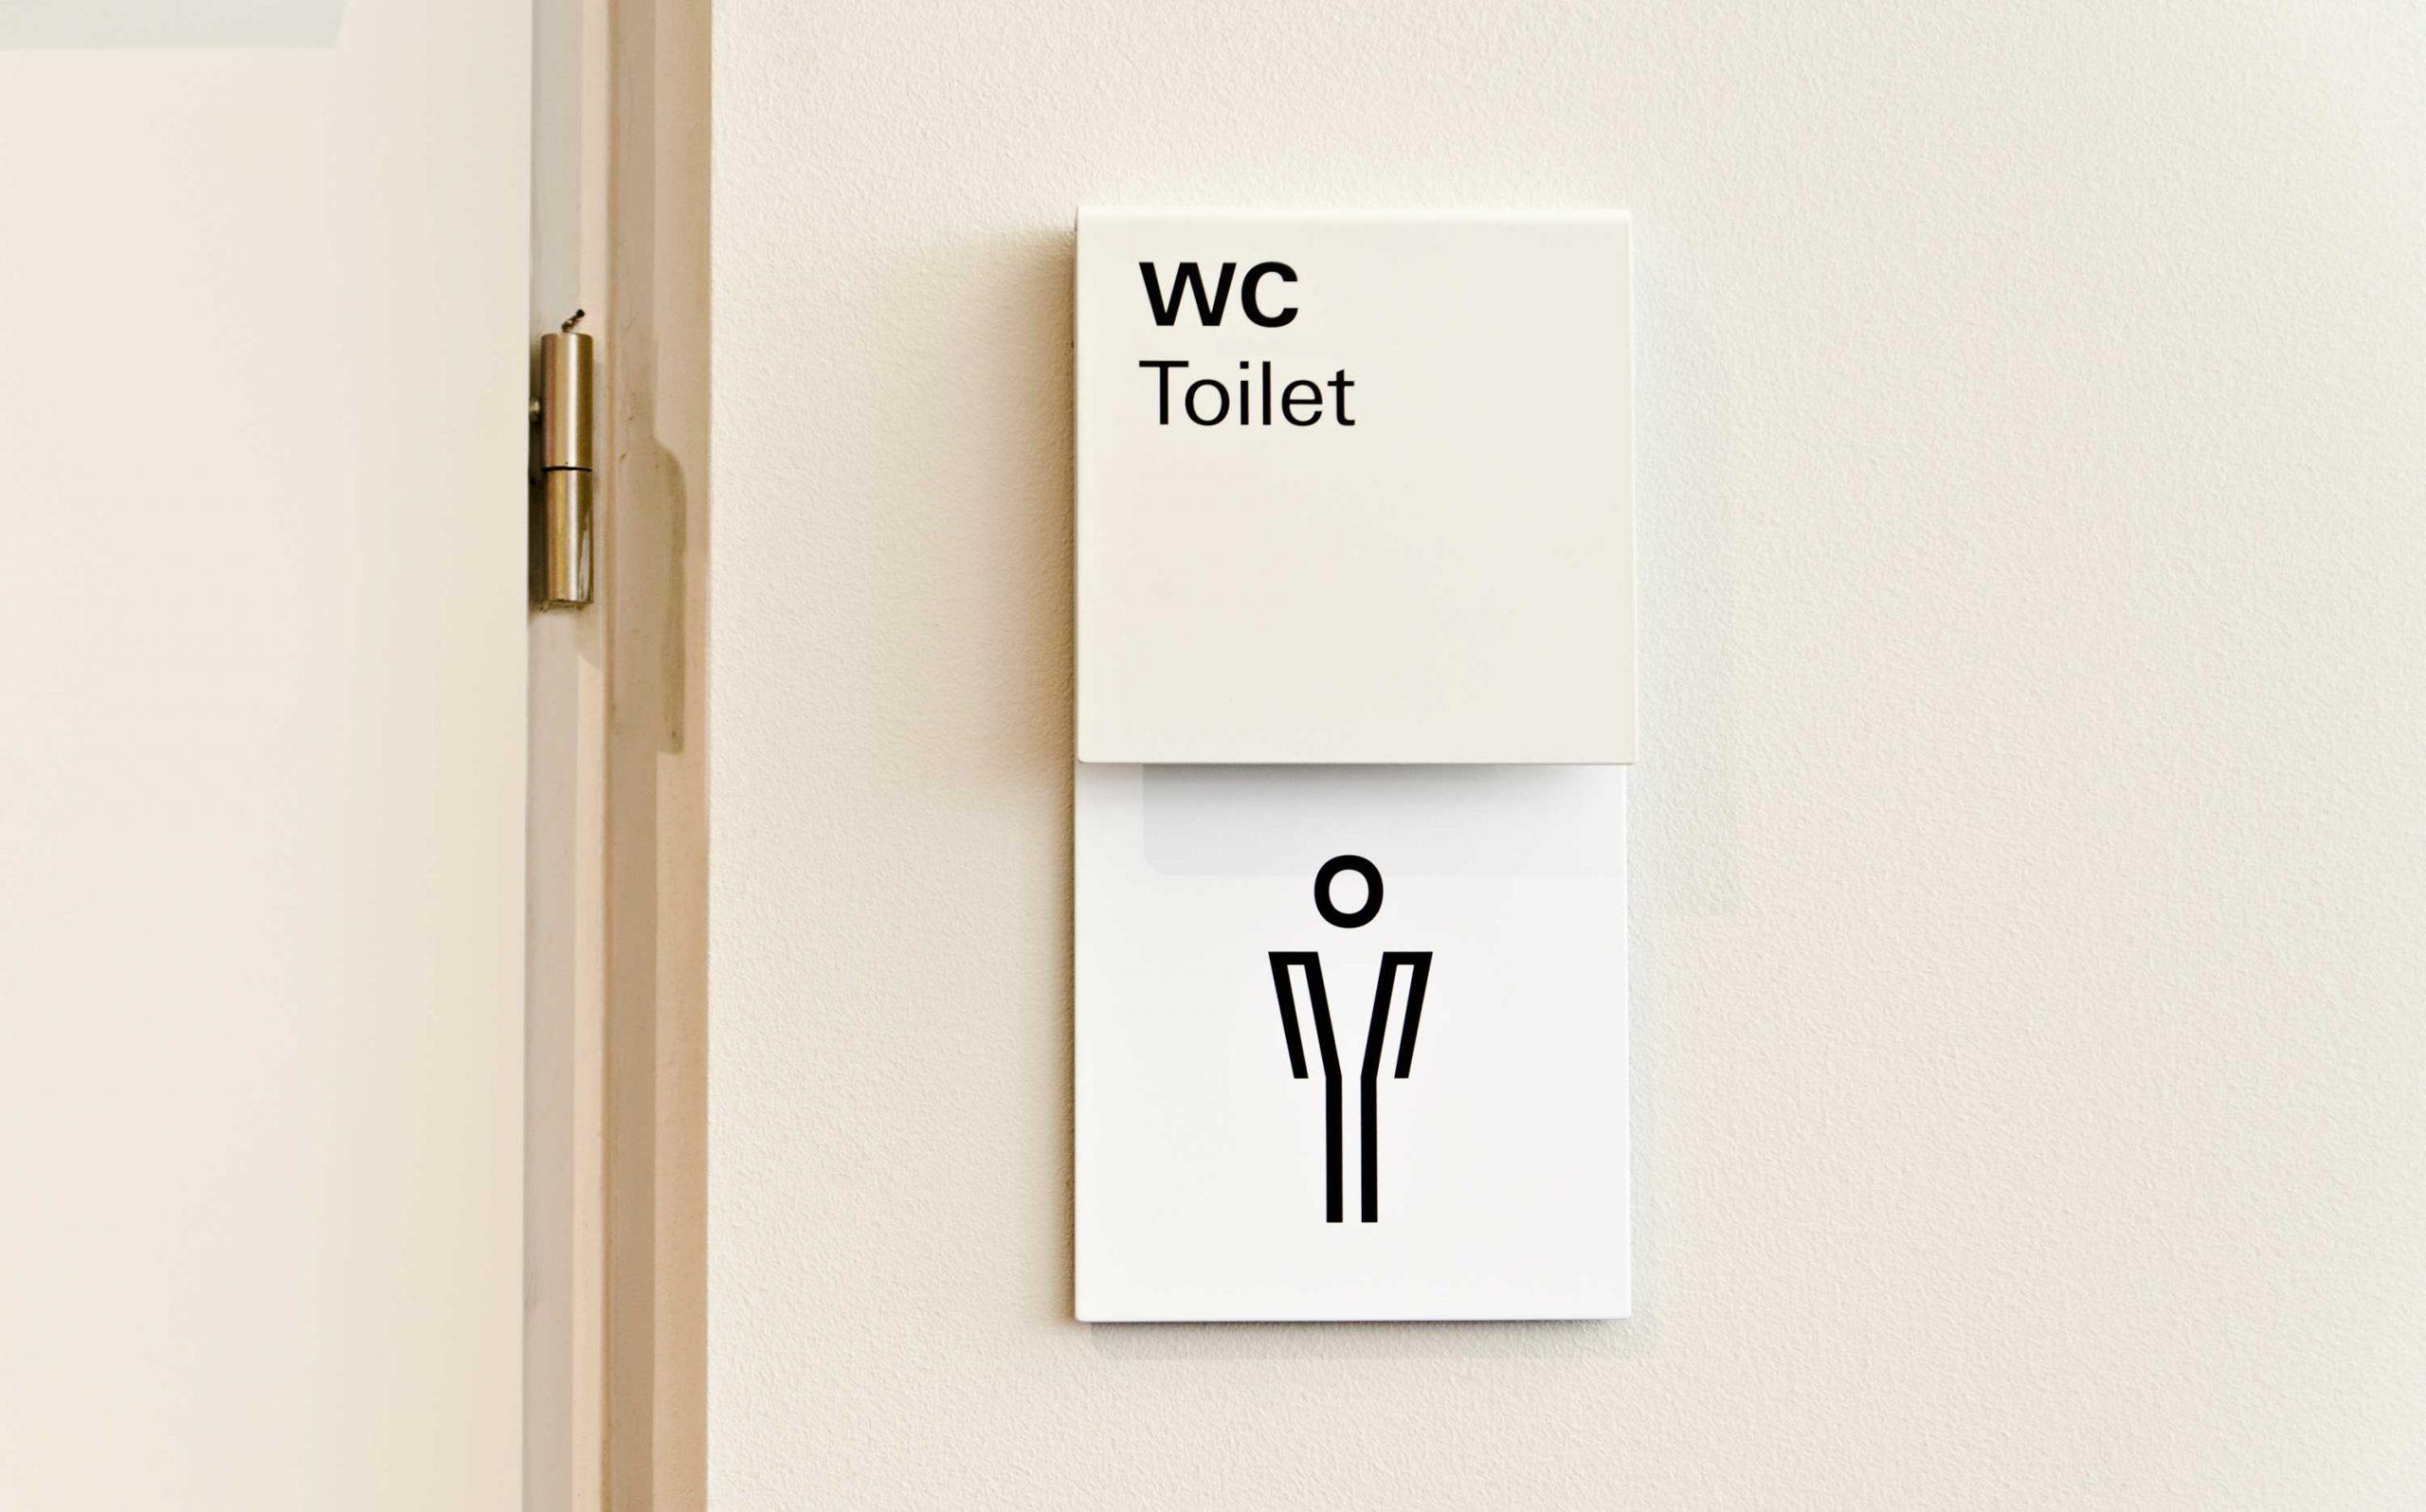 Leitsystem Museum in der Kulturbrauerei. Zielbestätigung mit Piktogramm / Icon für WC, beige-weiß. Direkt-Montage auf Vorbauwände. Farbe: RAL 1013 & weiß. Elemente: Schrift (Univers Regular und Univers Bold), Icons